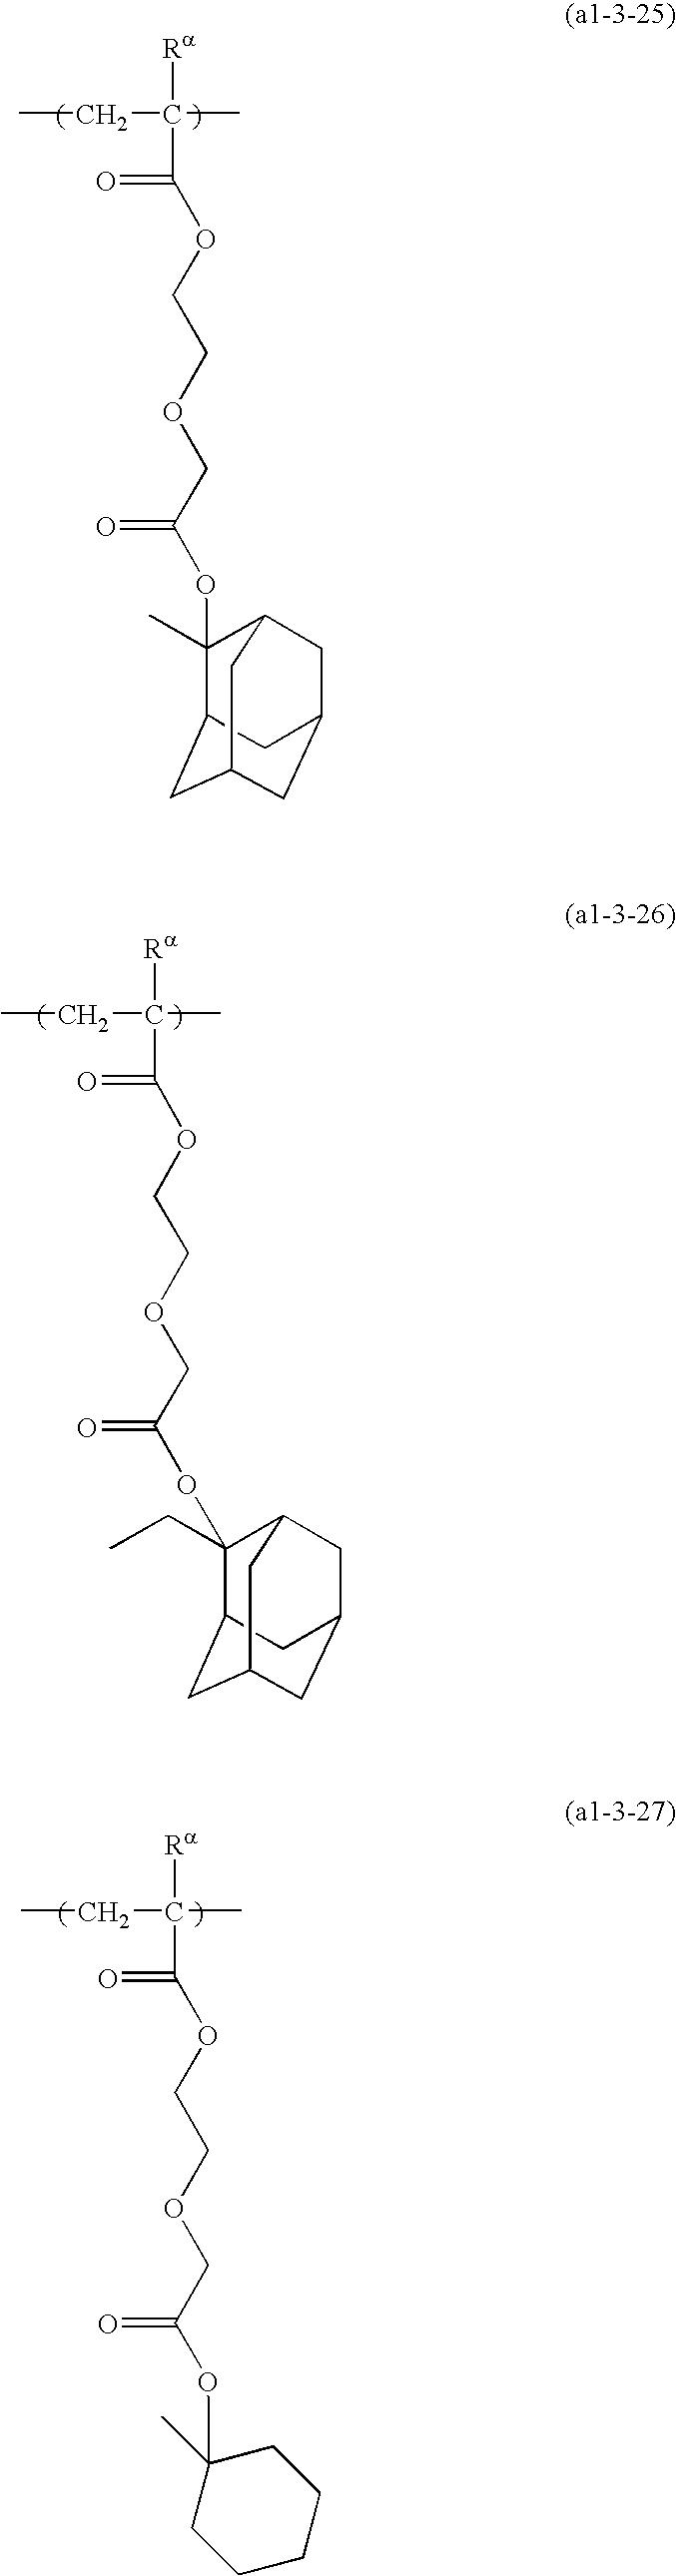 Figure US20100136480A1-20100603-C00040